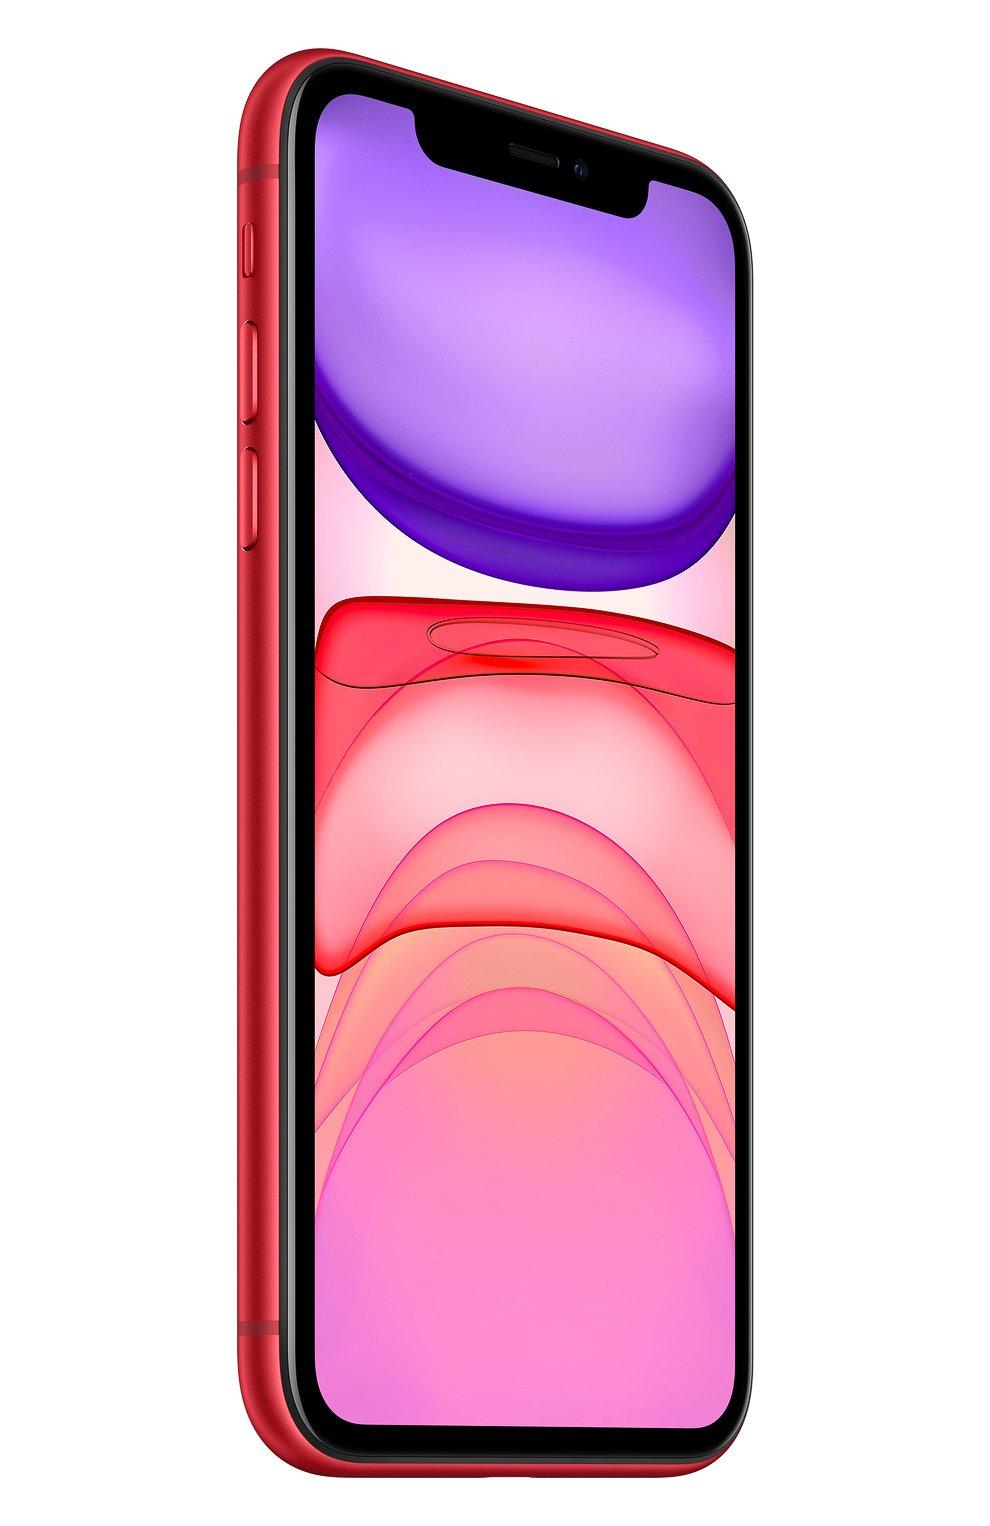 Мужской iphone 11 128gb (product)red APPLE  (product)red цвета, арт. MWM32RU/A   Фото 3